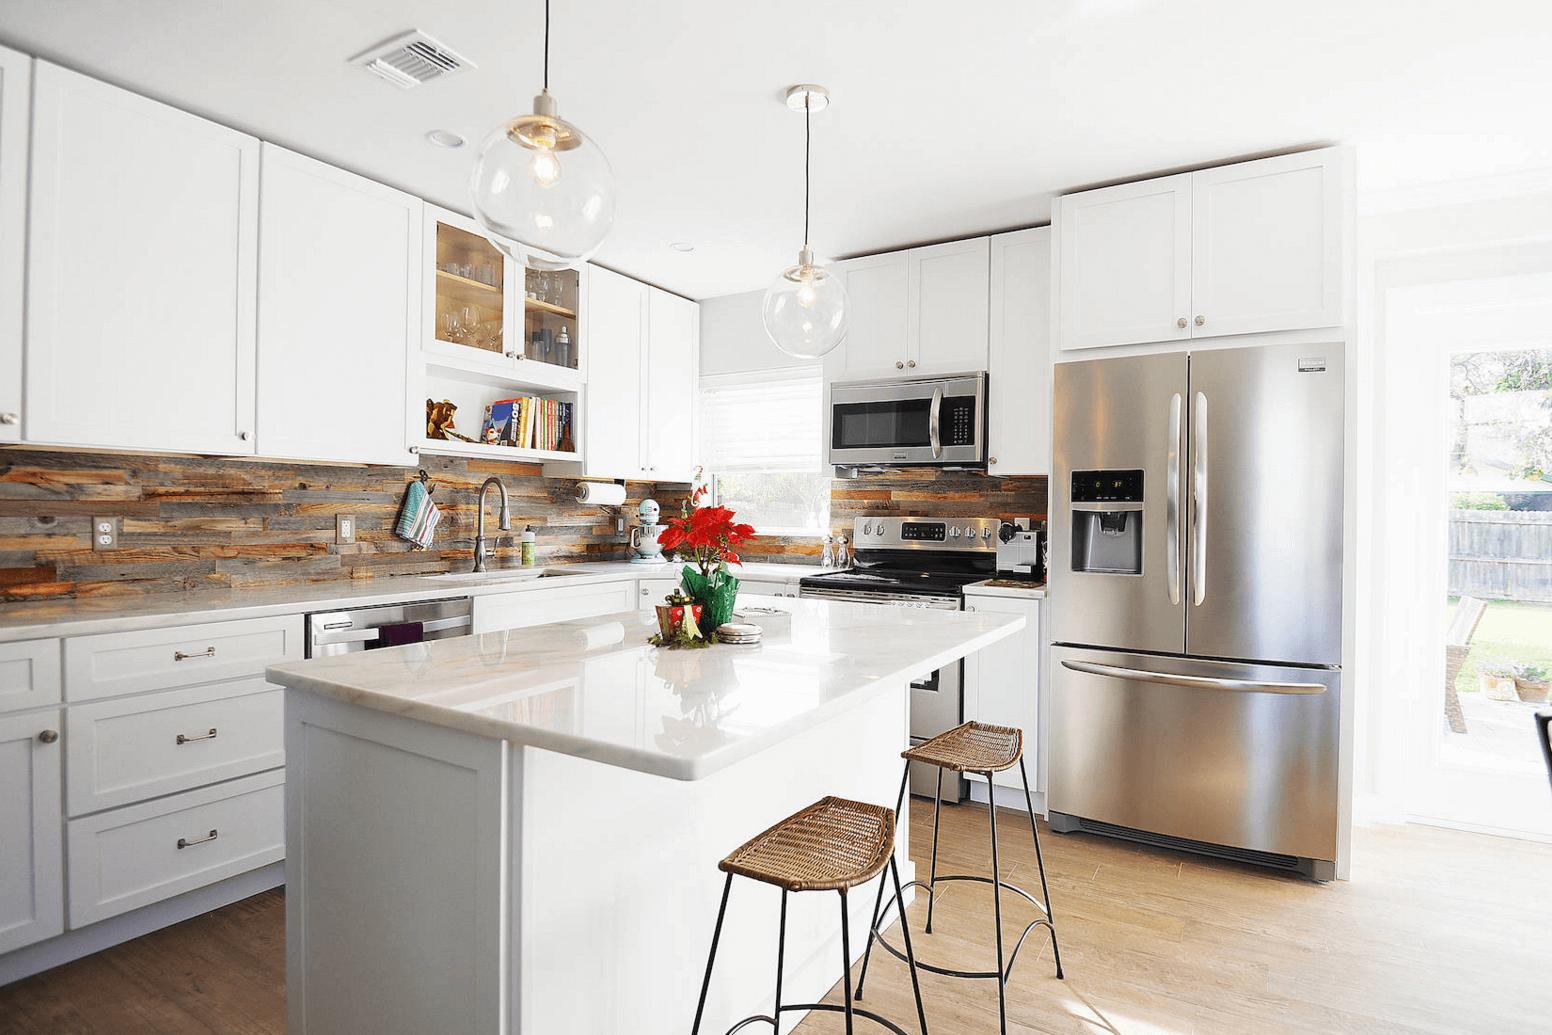 Идея дизайна фартука на кухню в деревенском стиле - фото 2